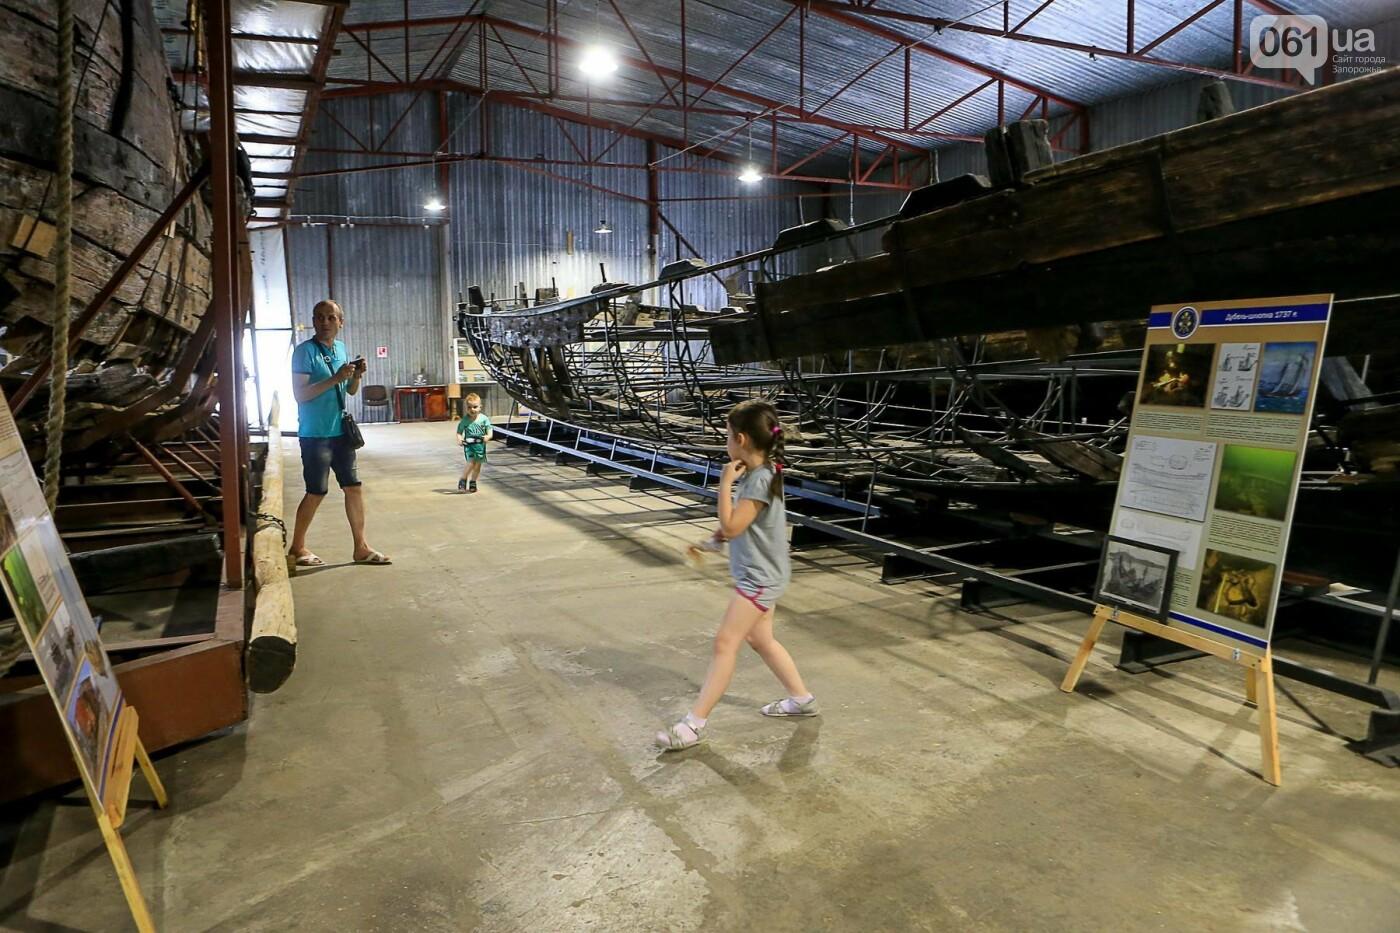 «Ты не понял, мы нашли второе судно»: как запорожские археологи нашли два корабля и зачем им 200 тысяч, - ФОТОРЕПОРТАЖ, фото-9